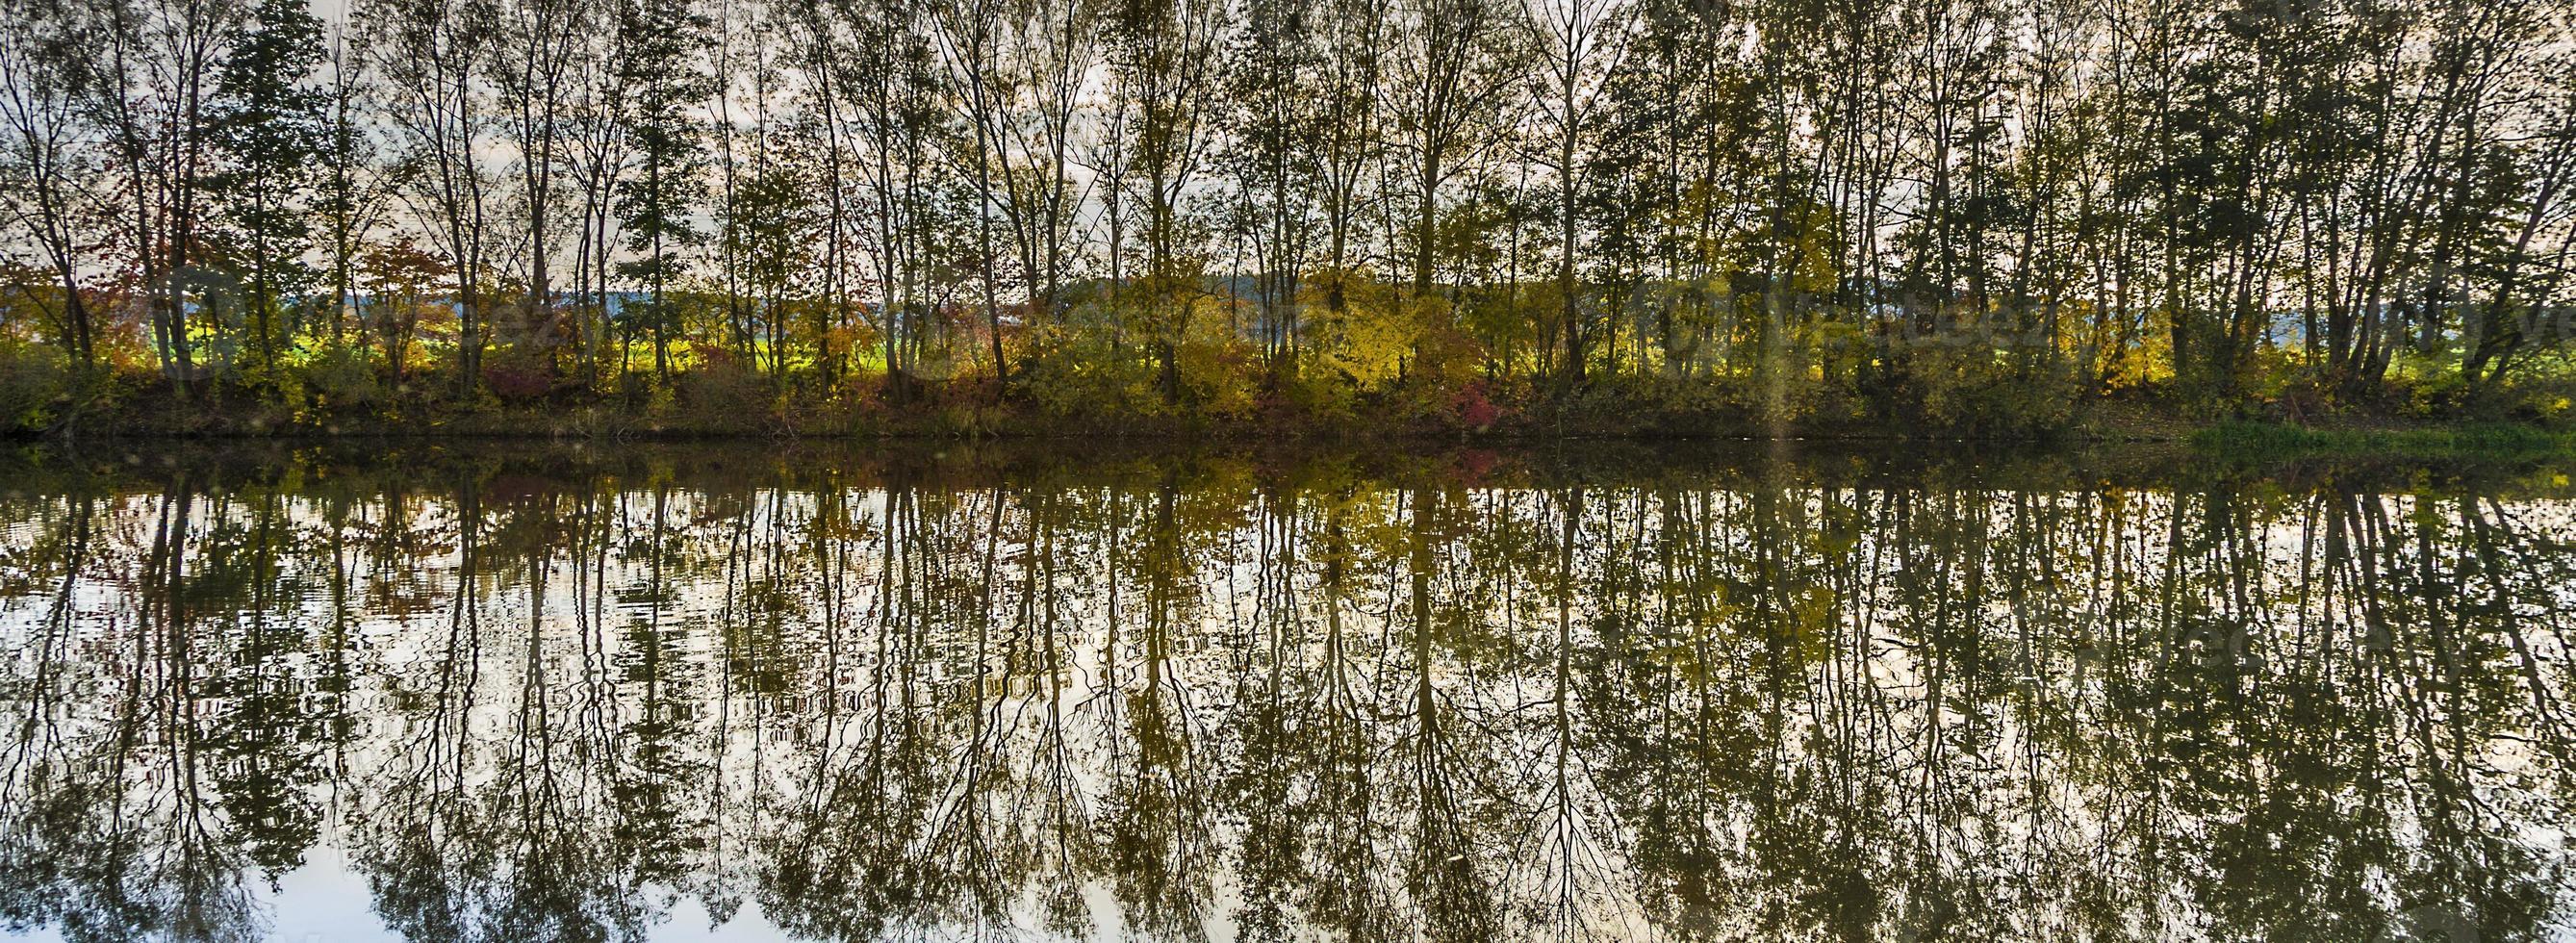 weerspiegeling van bomen in rivier tauber foto